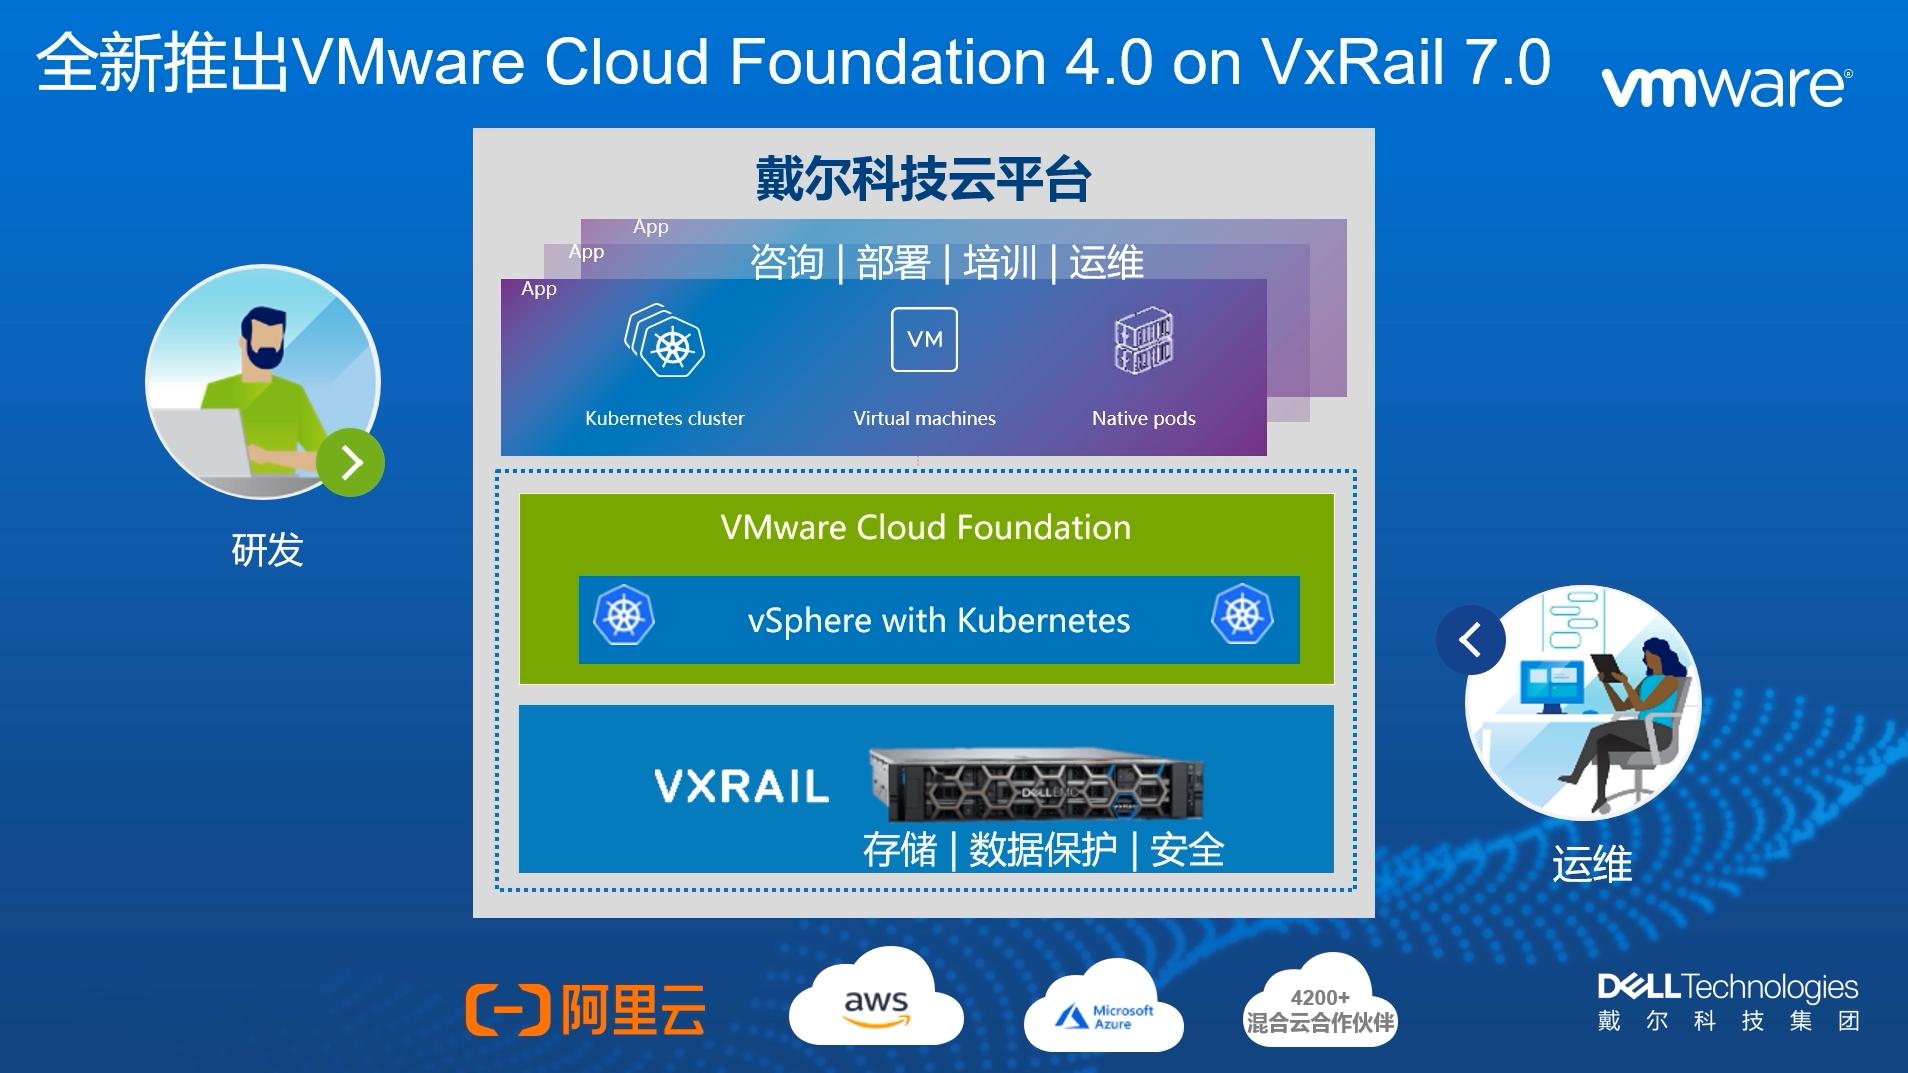 持续创新,从容上云—Dell EMC VxRail 新品发布